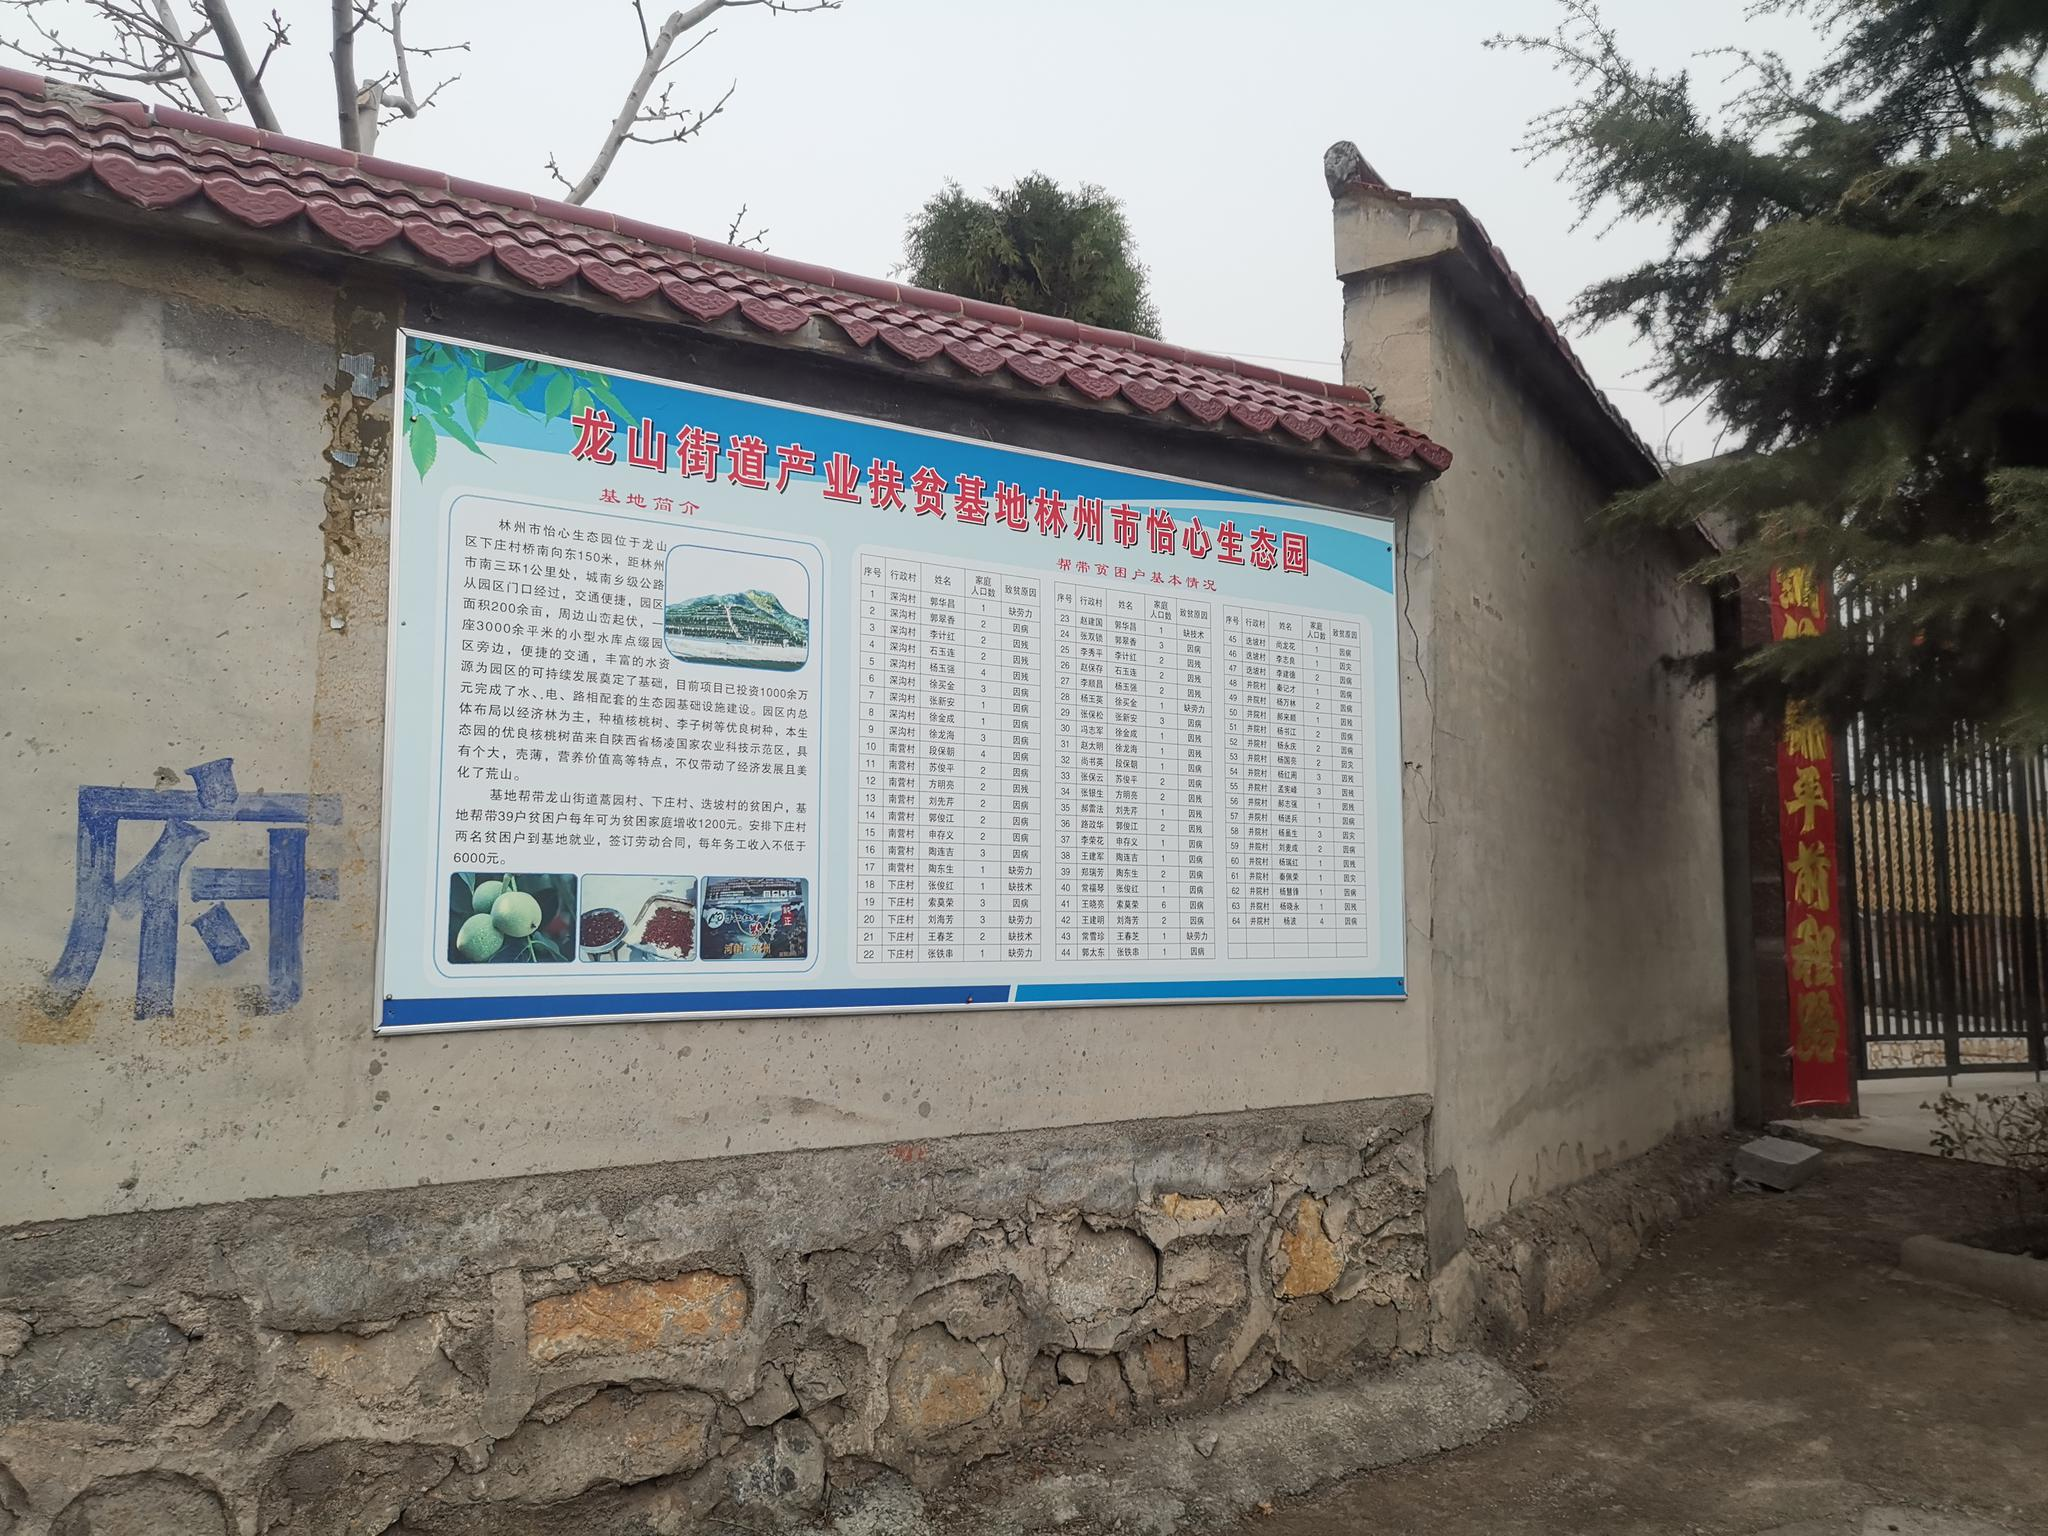 怡心生态园简介显示,园区布局经济林,带动经济美化荒山。新京报记者程亚龙摄